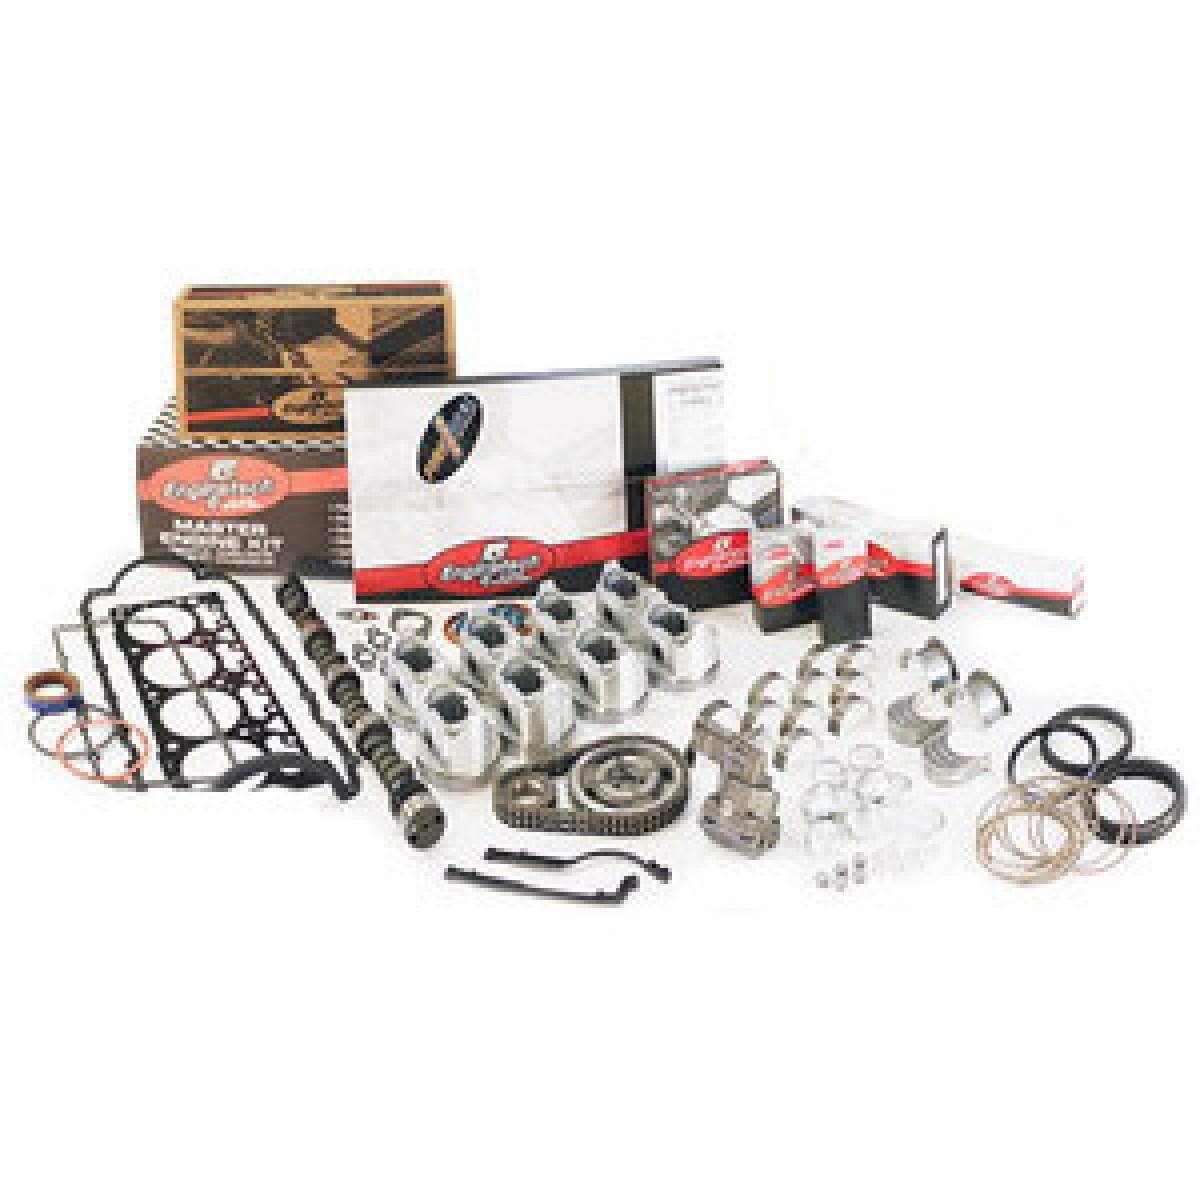 350 Chevy Engine Kit: FREE FREIGHT EXC. AK. HI. 1967-1985